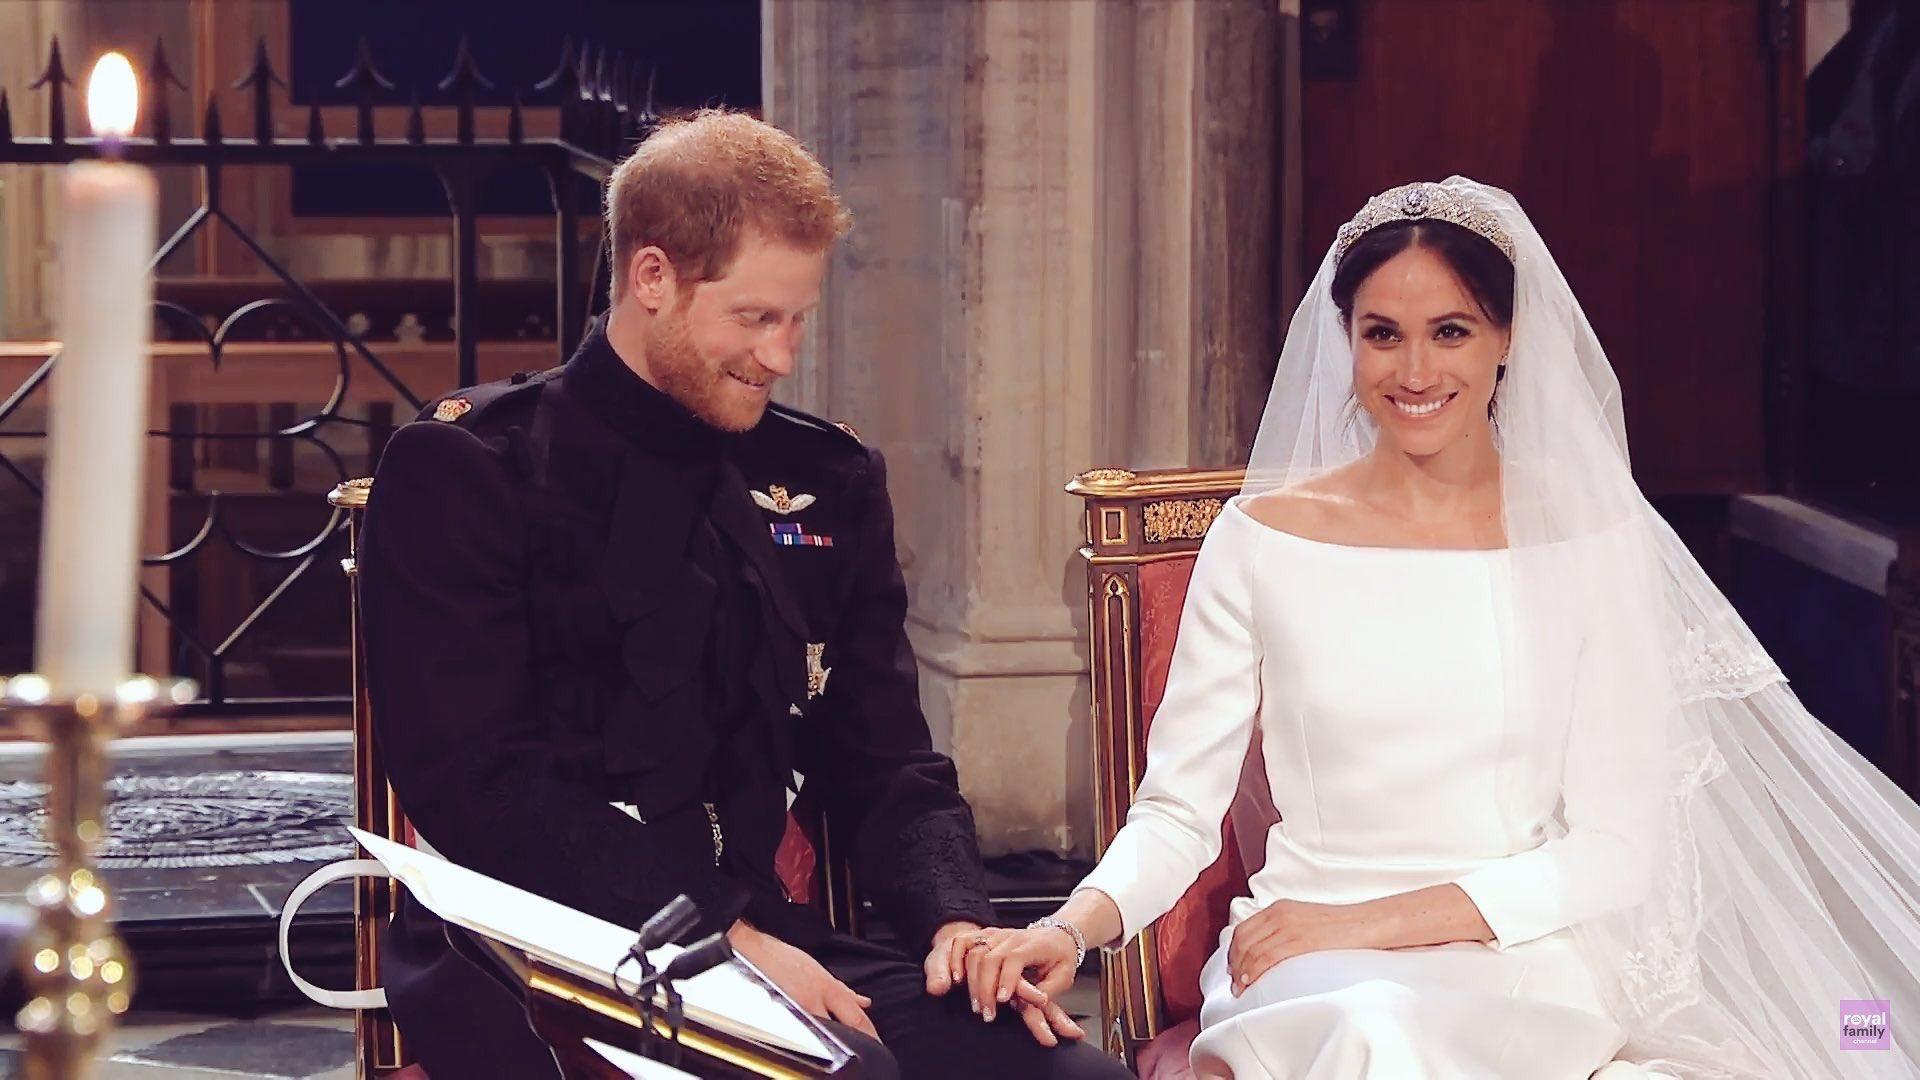 Mariage Princier et les bagues de mariage pour Meghan Markle et le Prince Harry 1    Aujourd'hui à lieu le mariage princier entre Markle et le prince Harry retrouvez dans notre boutique des bagues de fiançailles et de mariage pour déclarer